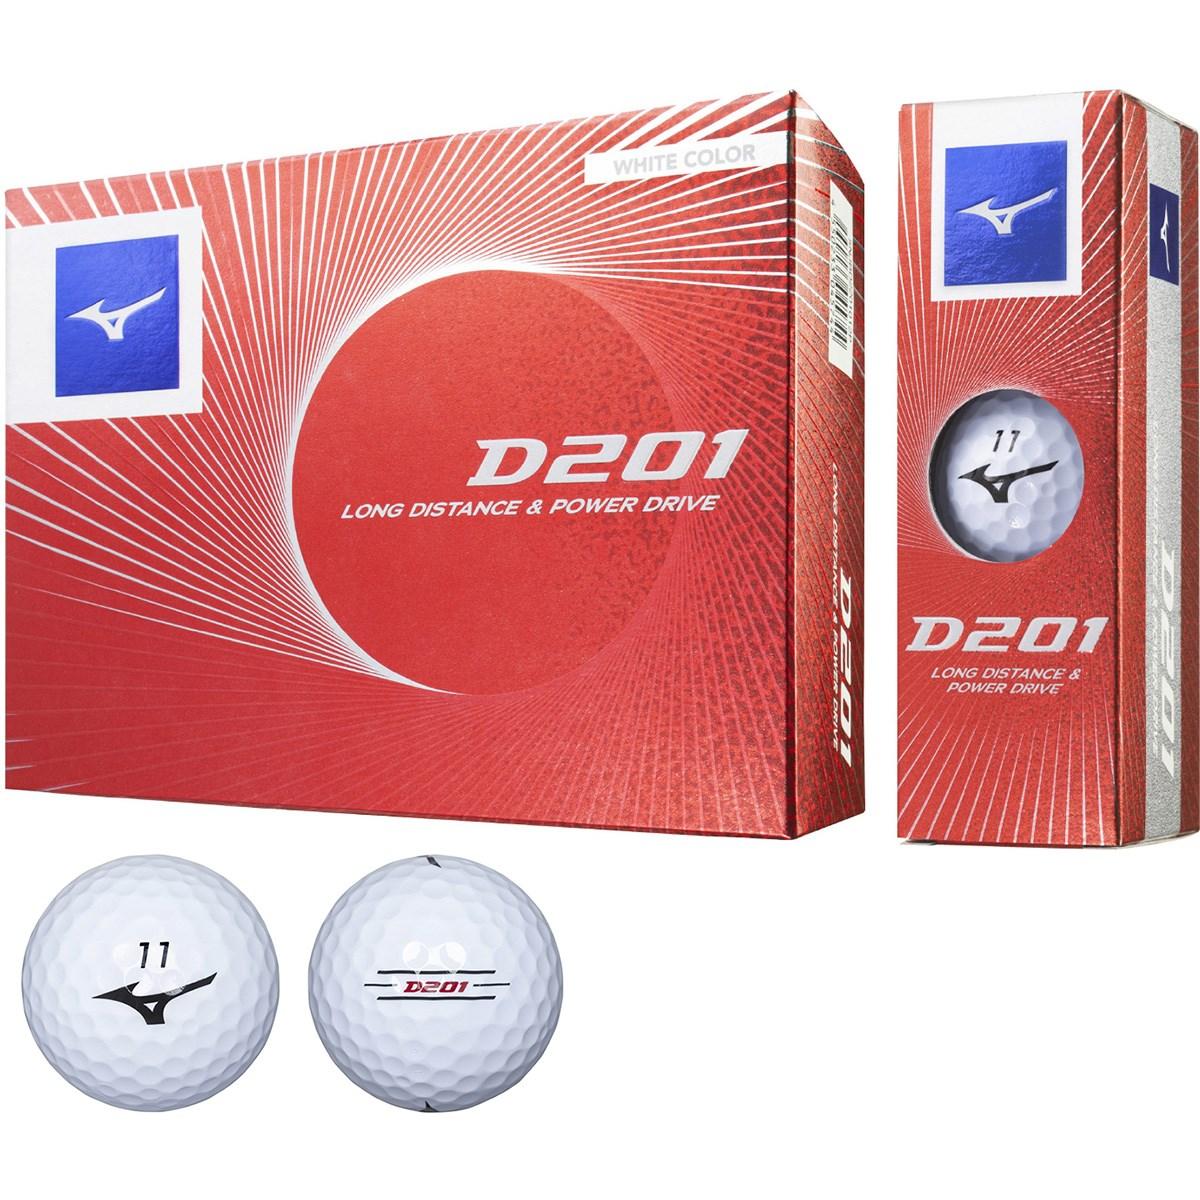 ミズノ D201 ゴルフボール